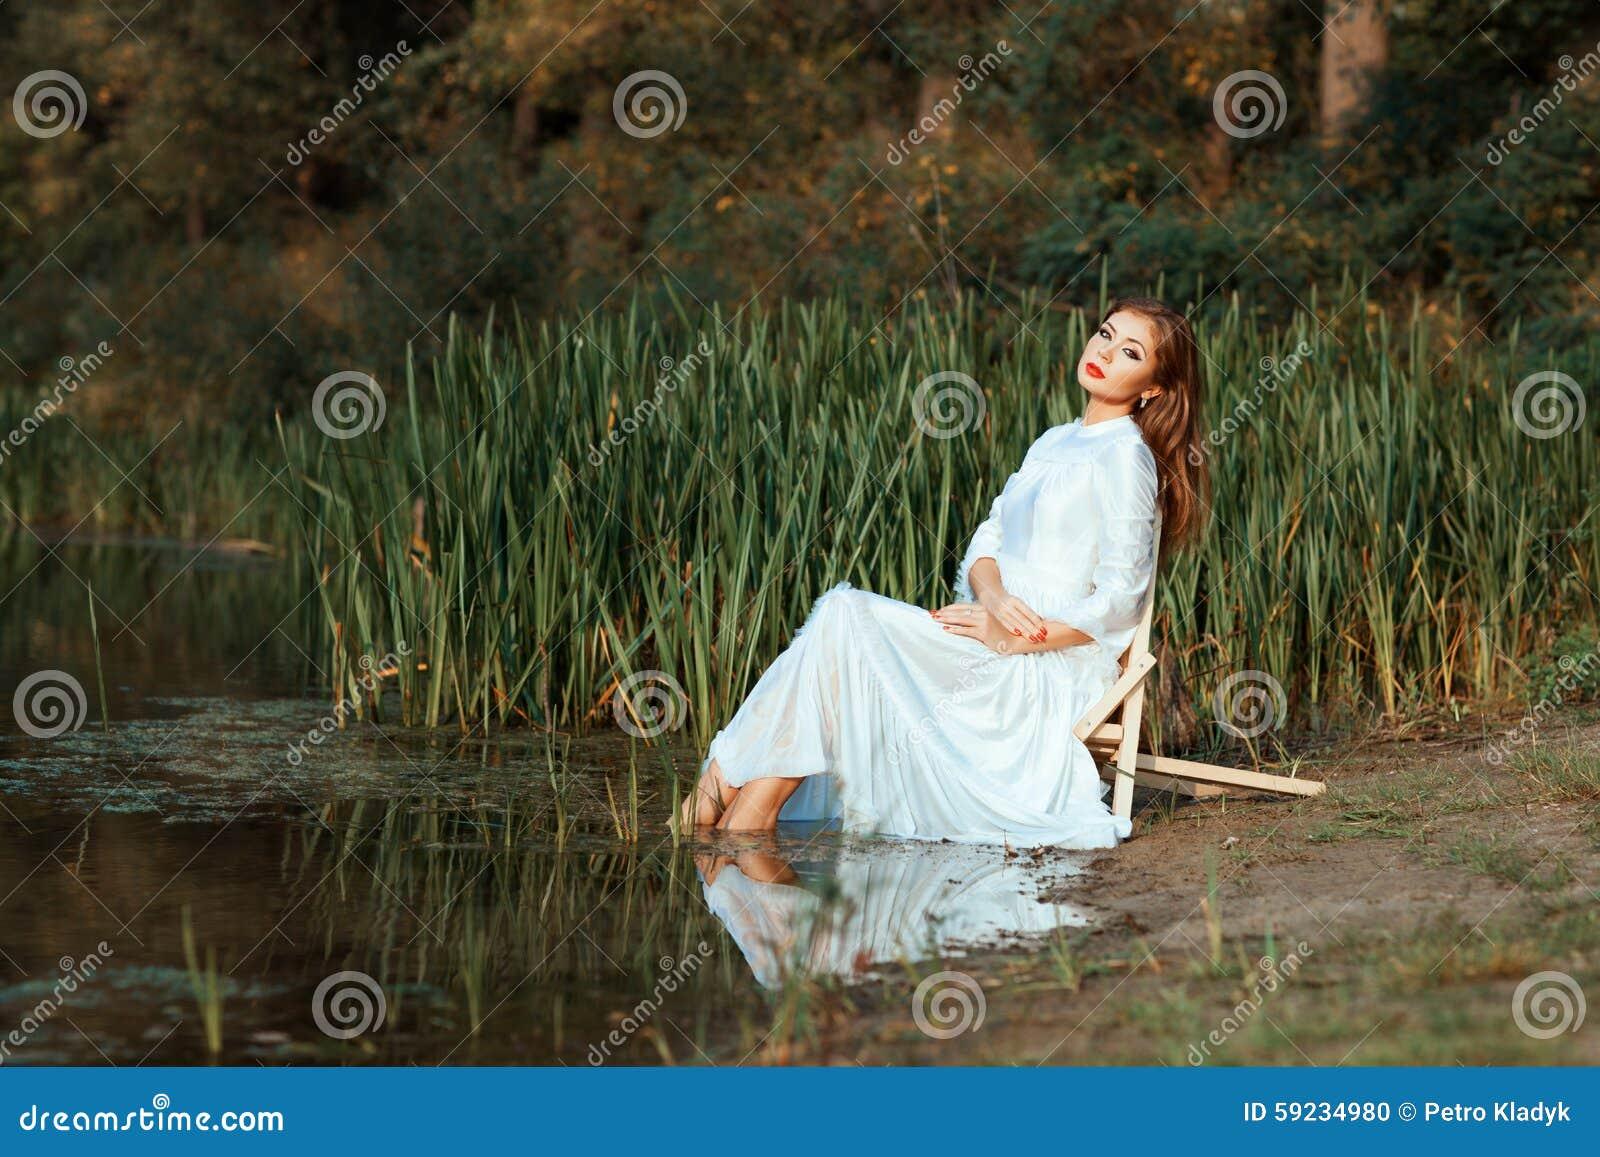 Vestido blanco de la muchacha que se sienta sumergiendo pies en el lago